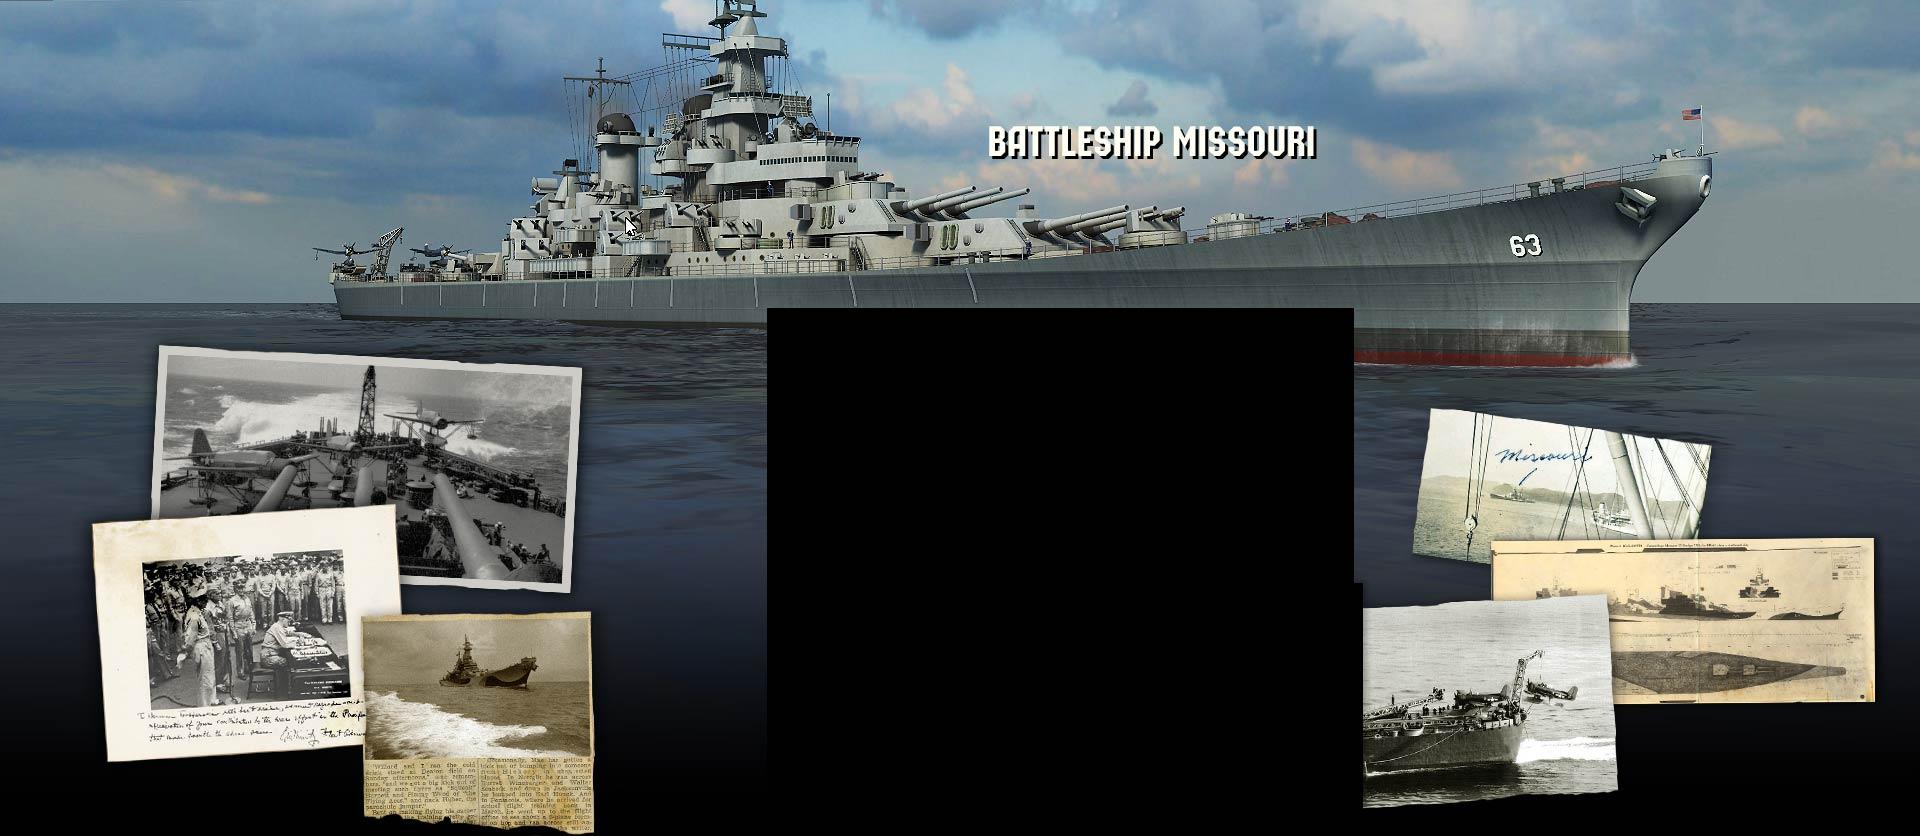 Adventure Battleship Missouri 3d Screensaver and Premium 3D Wallpaper 1920x836